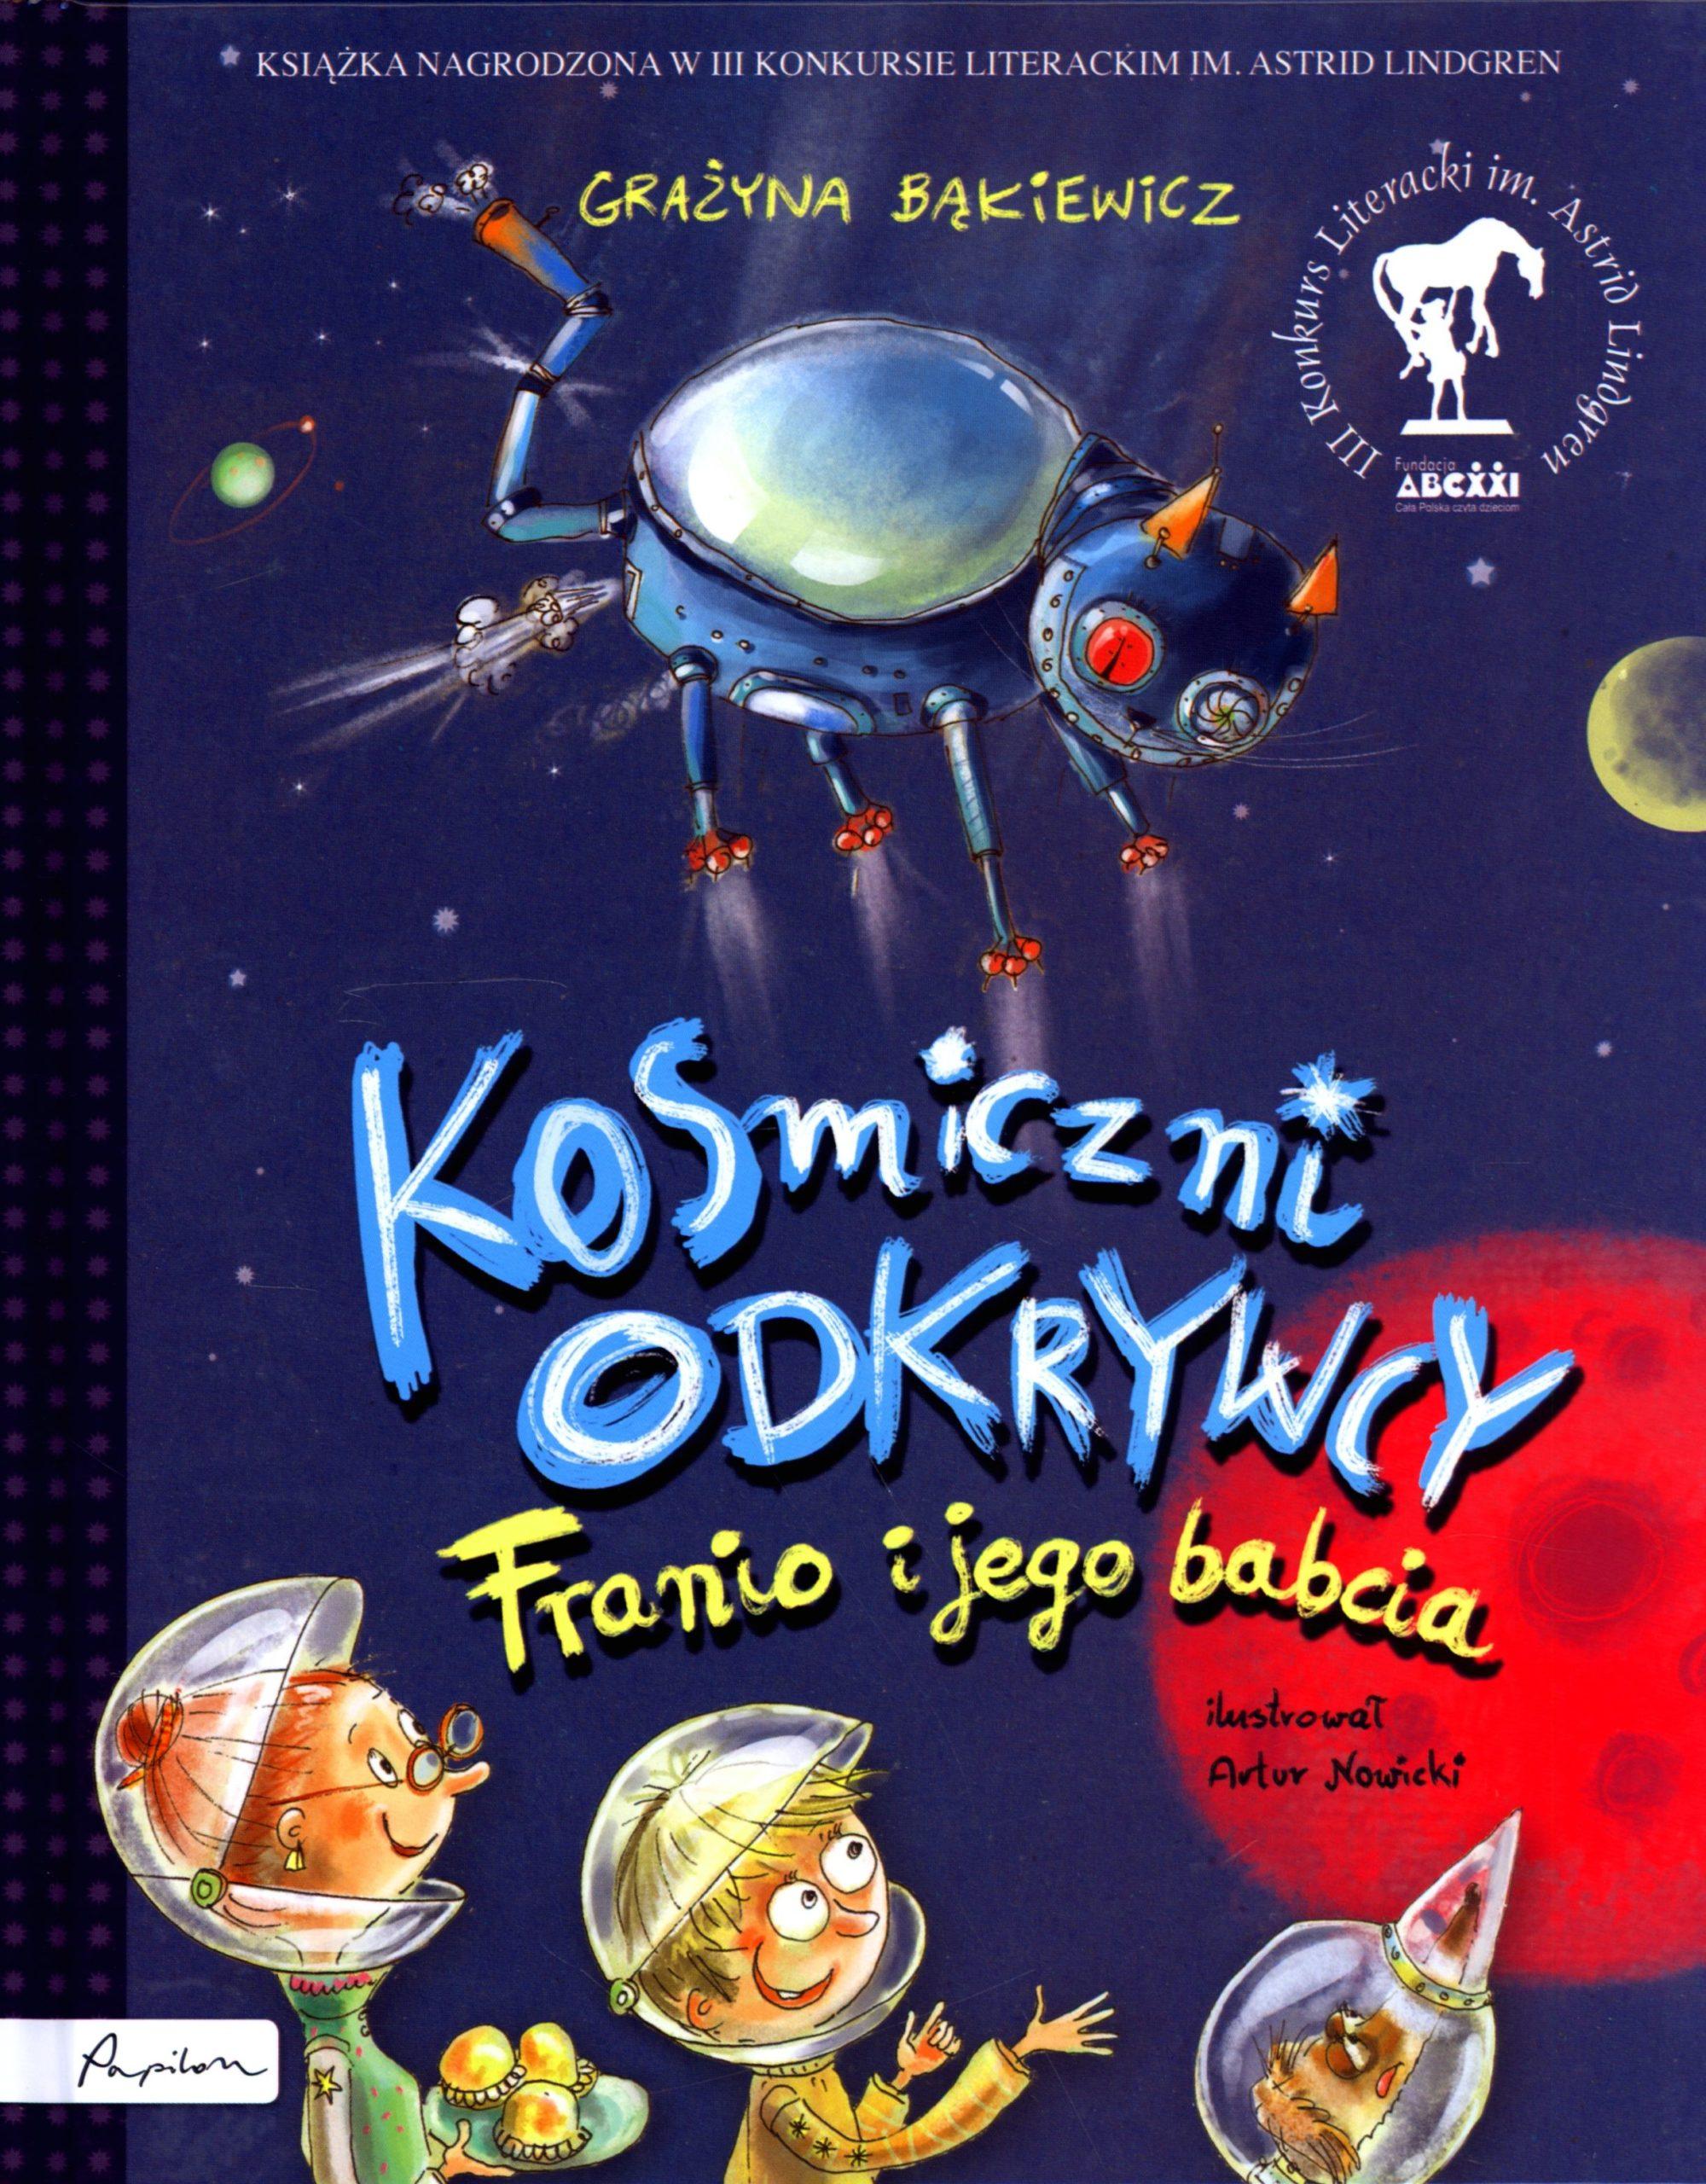 Kosmiczni odkrywcy: Franio i jego babcia